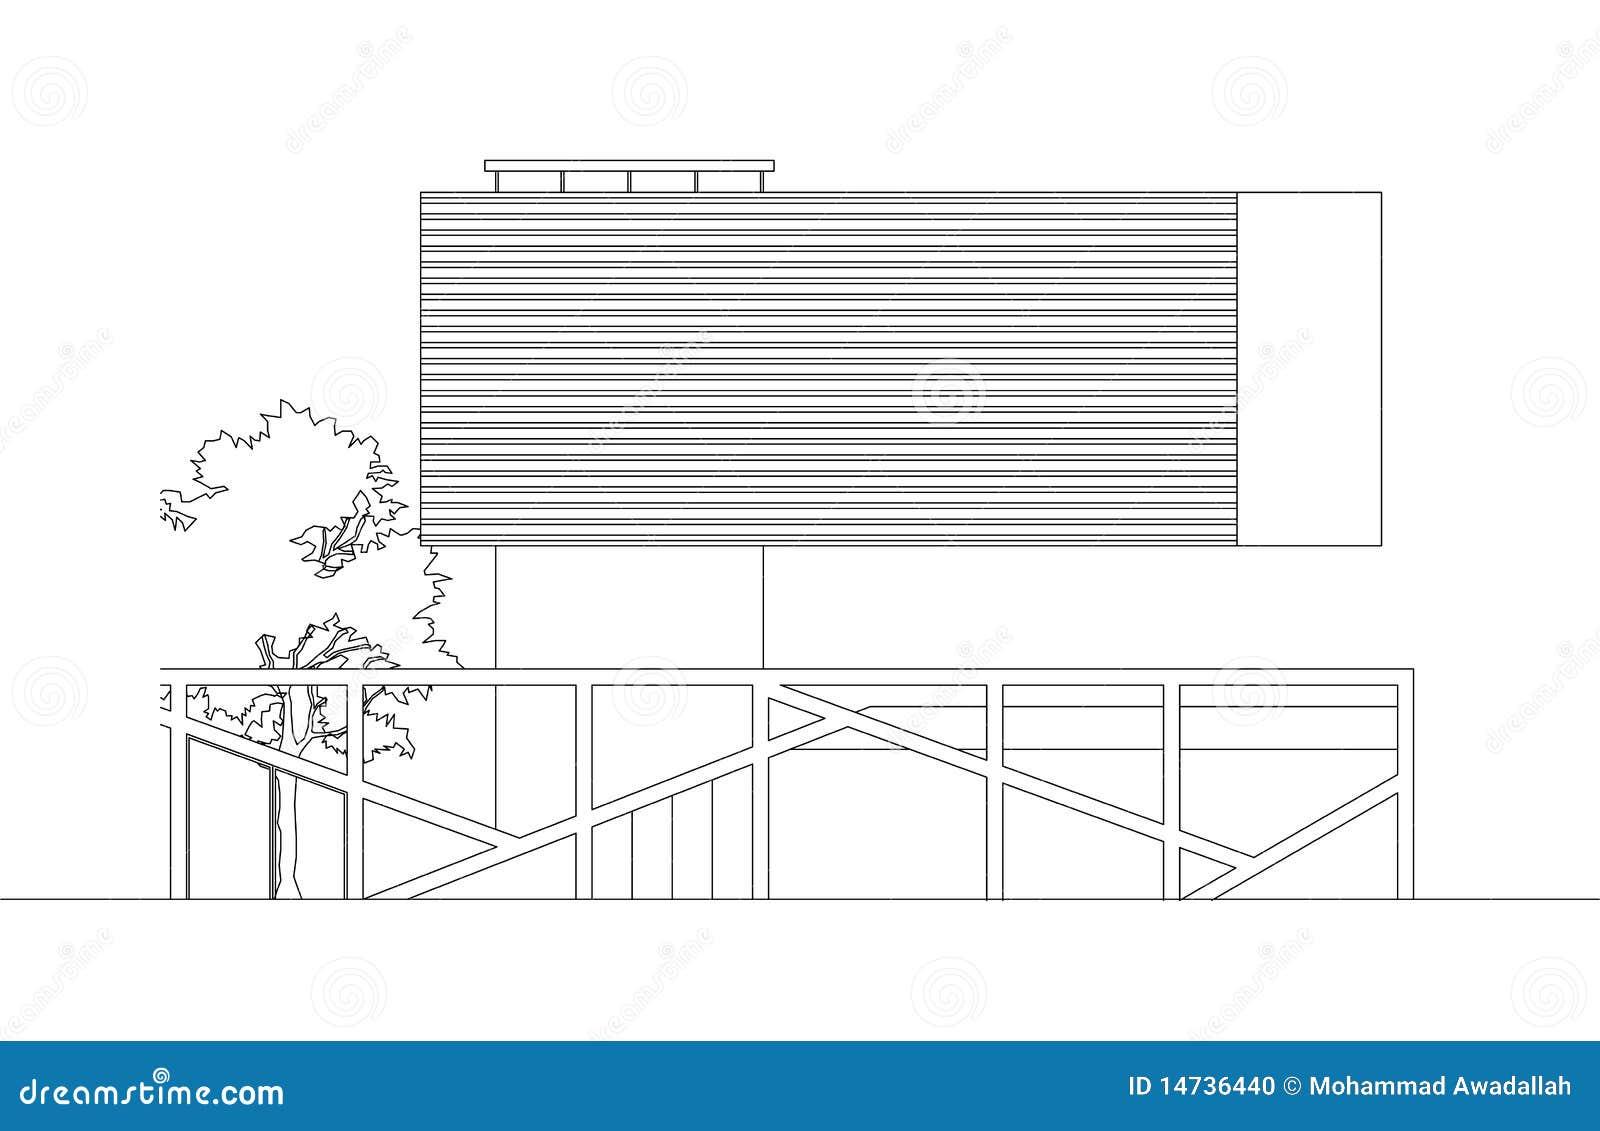 Floating Modern House levation Stock Photo - Image: 14736440 - ^